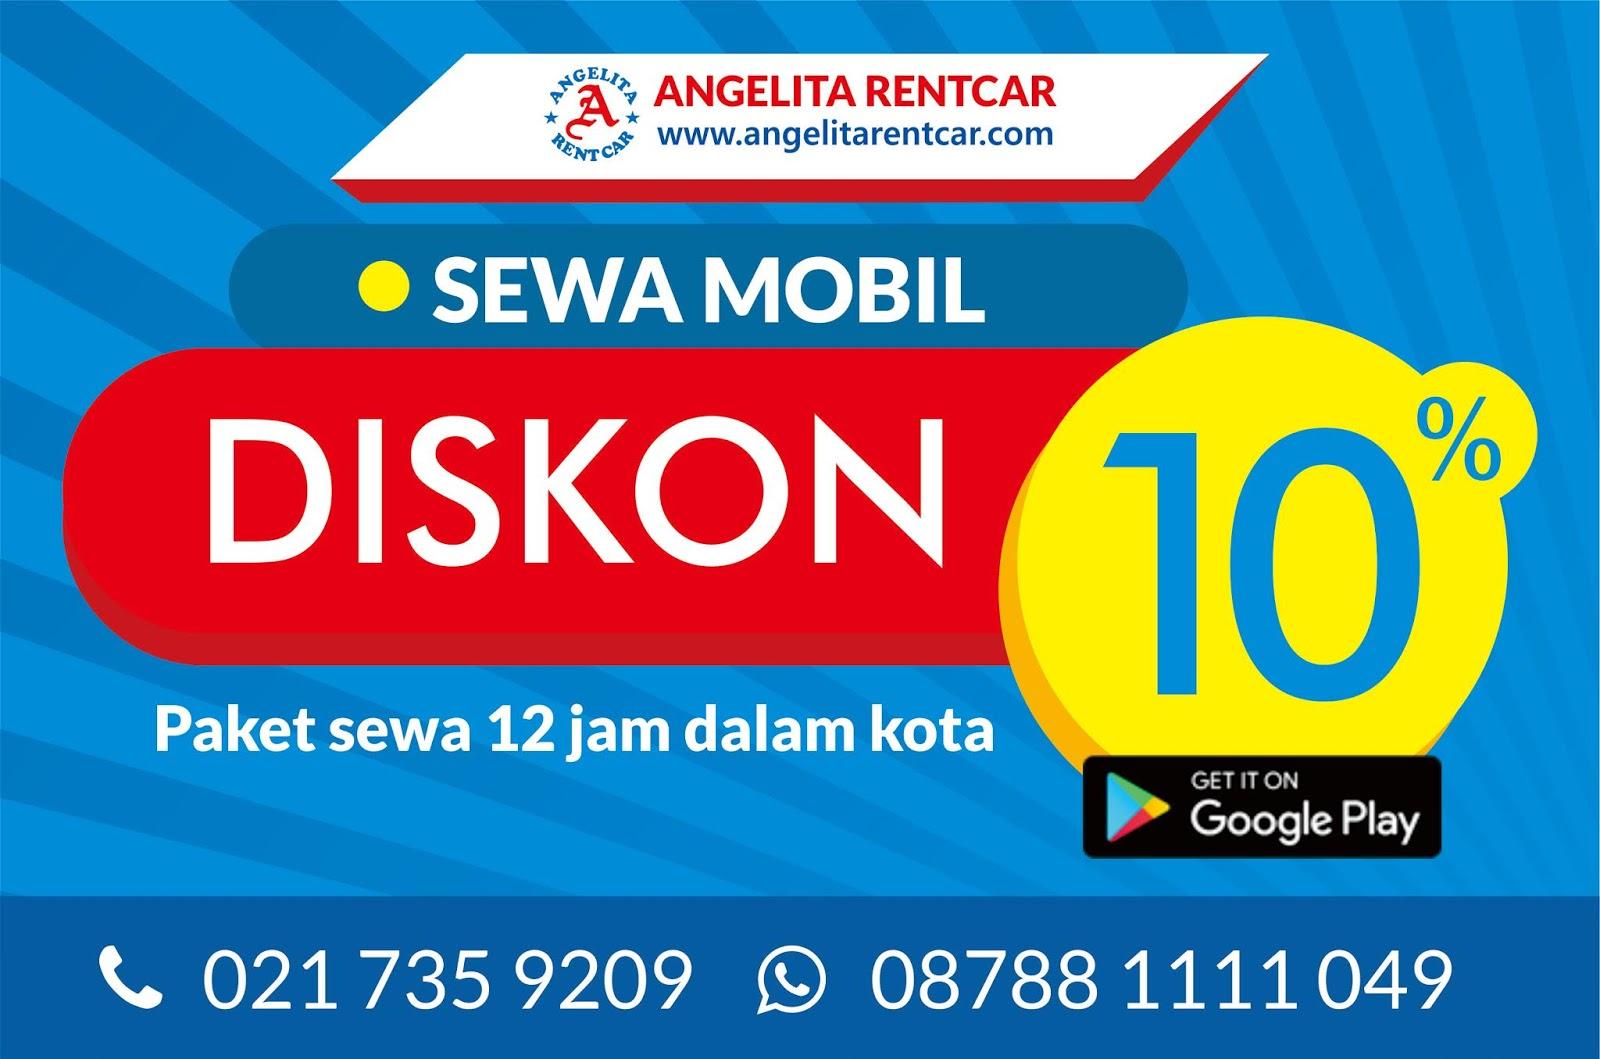 Rental mobil Jakarta diskon 10% untuk paket 12 jam dalam kota